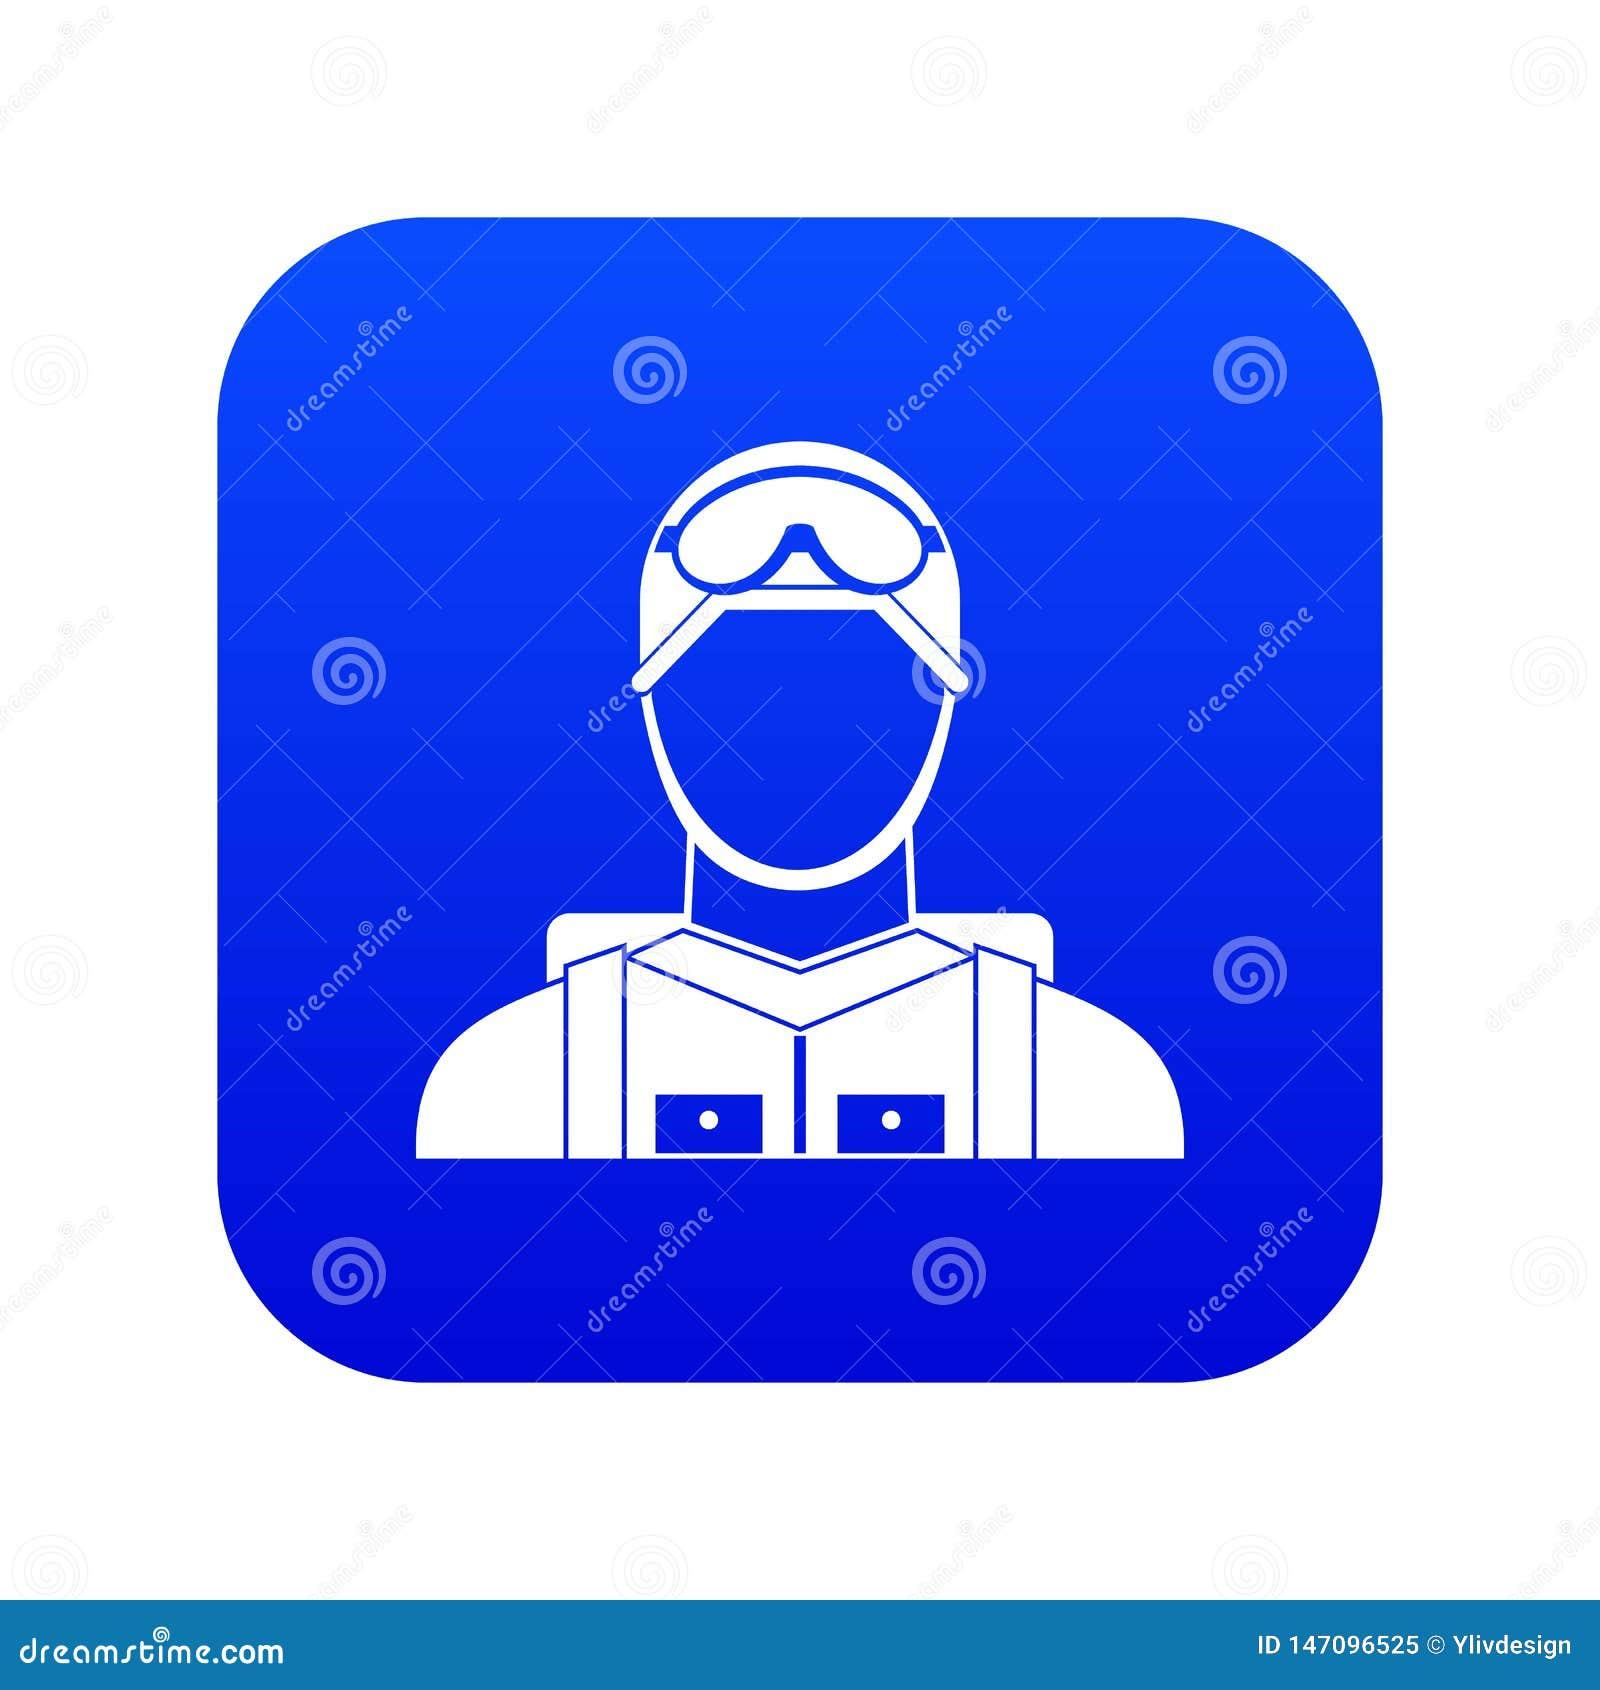 Digitala blått för militär fallskärmsjägaresymbol